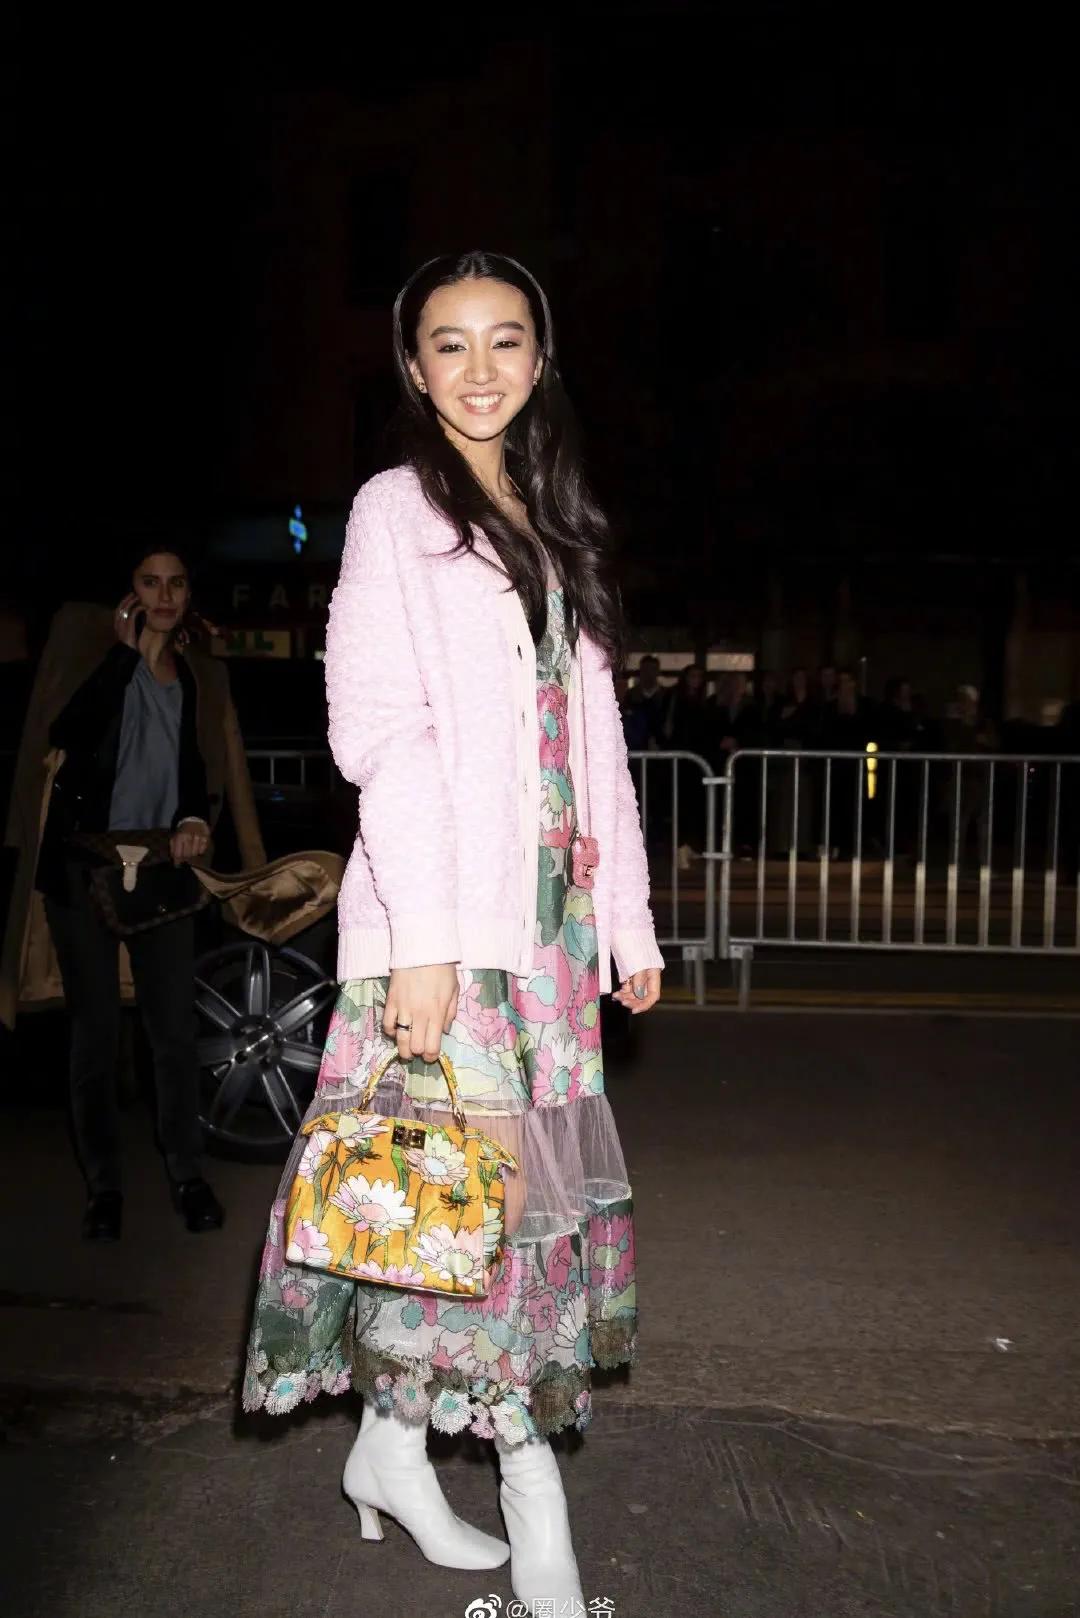 卡戴珊千万祖传的家族战袍,咋就被吴宣仪穿成了夜店风?